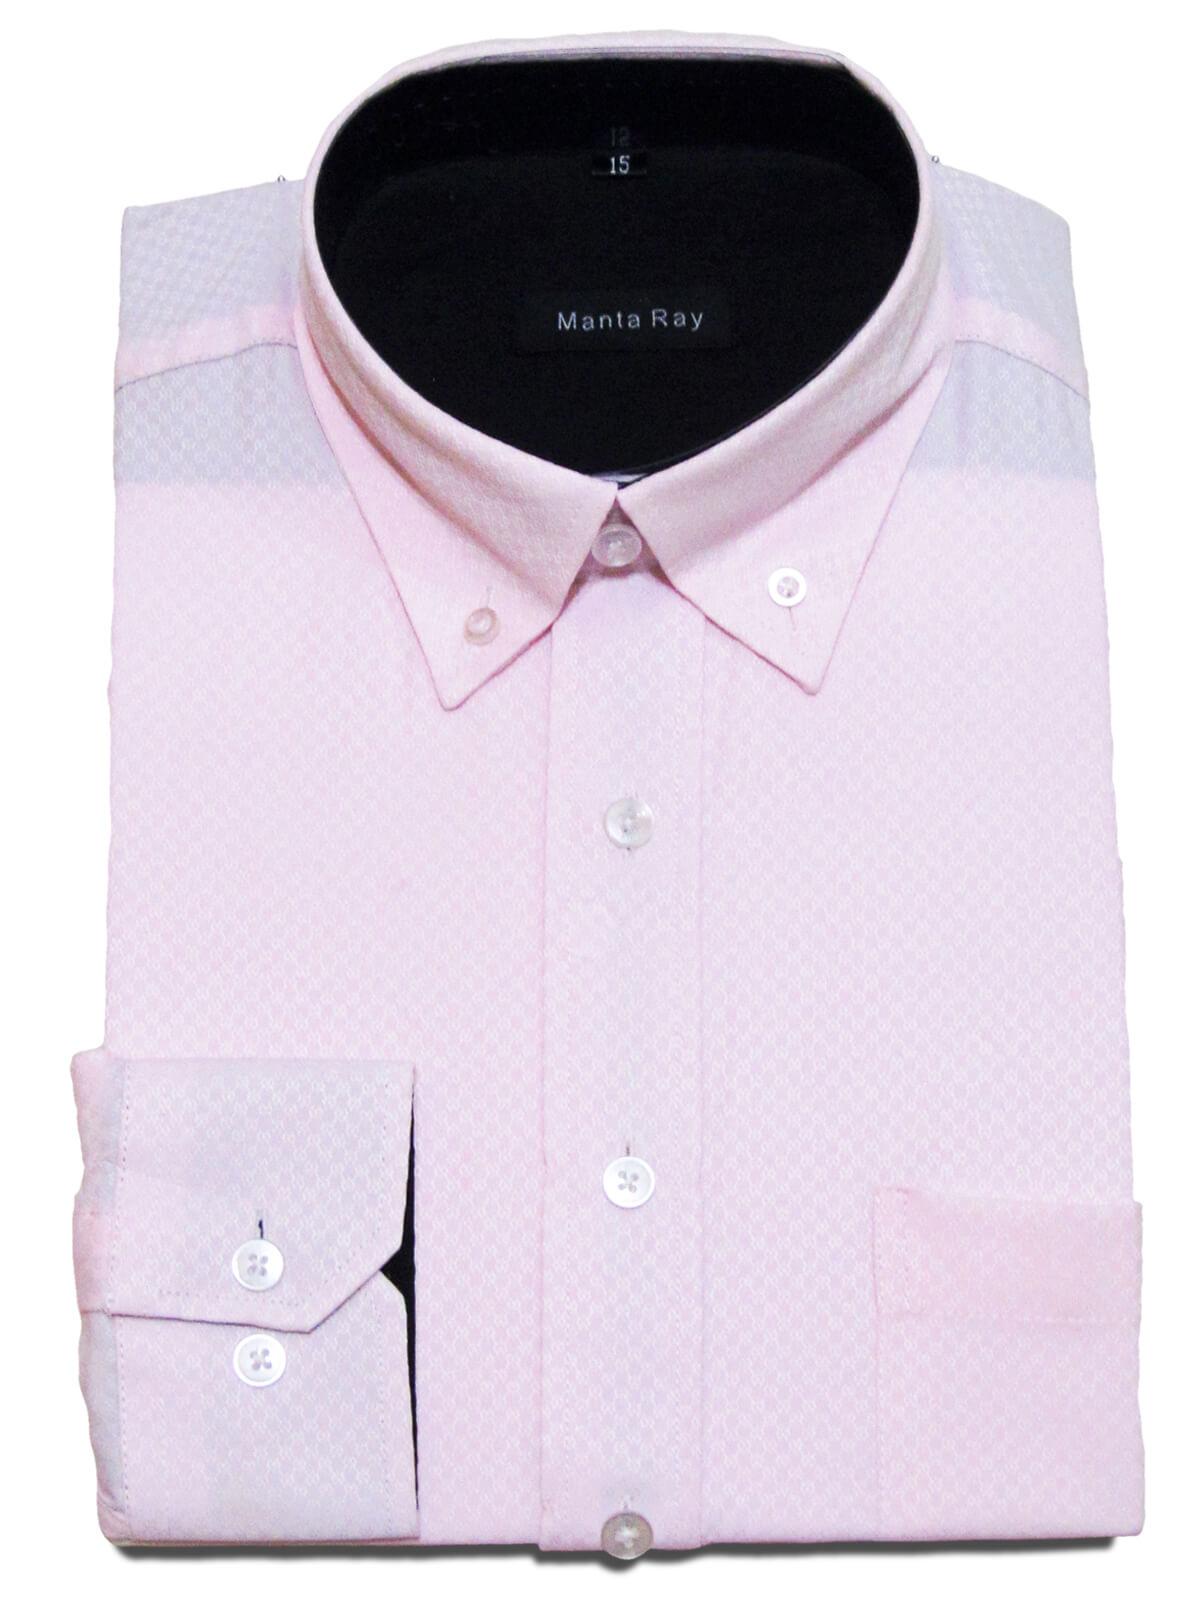 sun-e333加大尺碼長袖格紋襯衫、上班族襯衫、標準襯衫、商務襯衫、正式場合襯衫、棉成分高舒適透氣襯衫、不皺免燙襯衫、白色格紋襯衫(333-A8209-1)淺粉格紋襯衫(333-A8209-2)紫色格紋襯衫(333-A8209-8)藍色格紋襯衫(333-A8207-7) 領圍:14 14.5 15 15.5 16 16.5 17.5 18.5 19.5 限時優惠任2件1000元又免運 3